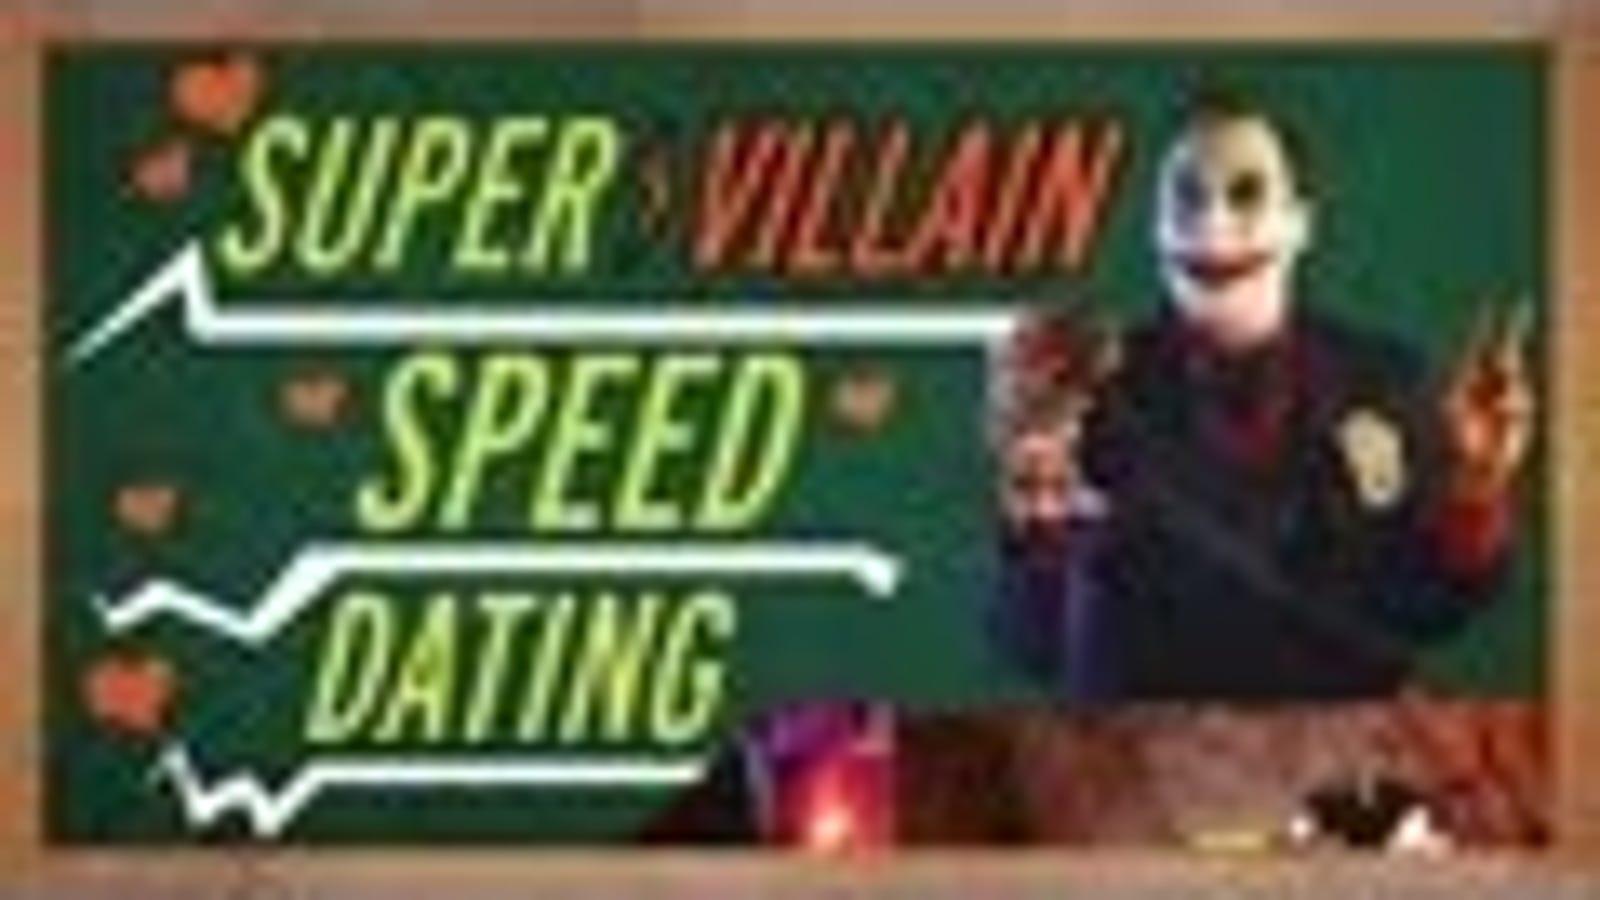 gotham dating club reviews